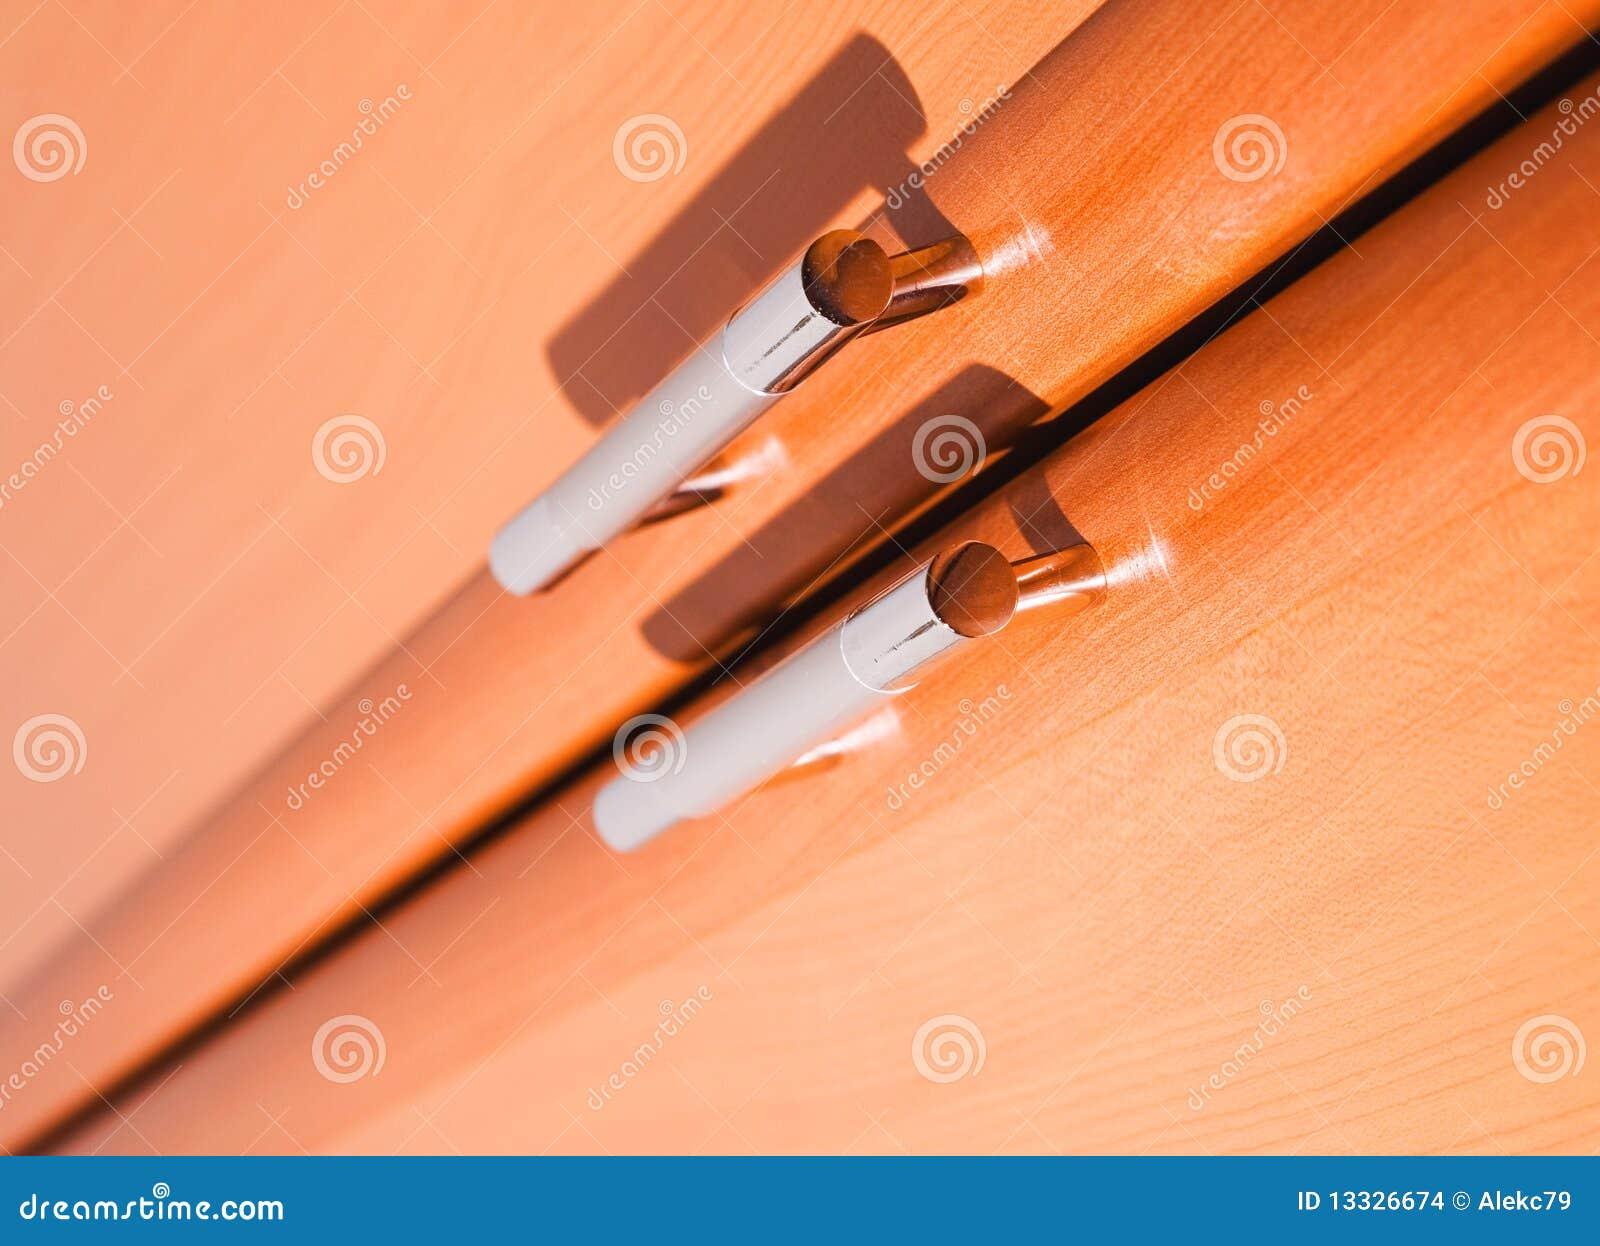 Drzwi meble rękojeści